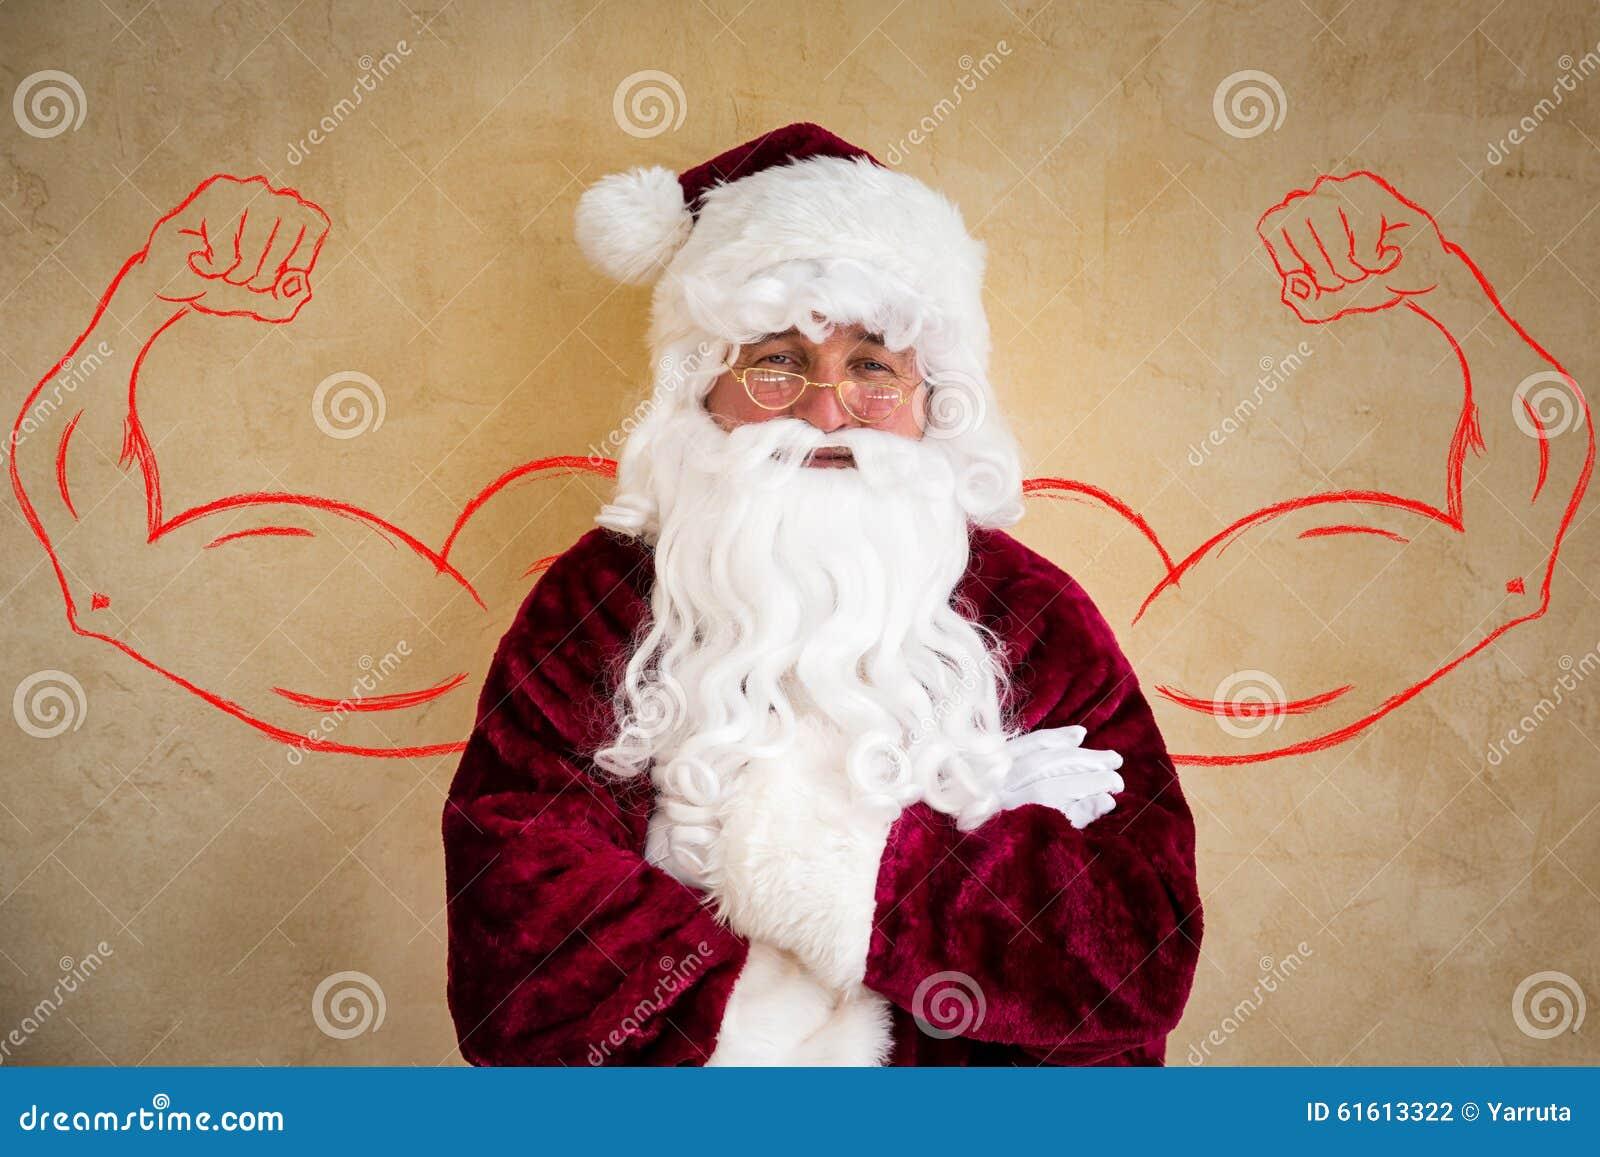 Strong santa claus stock photo image